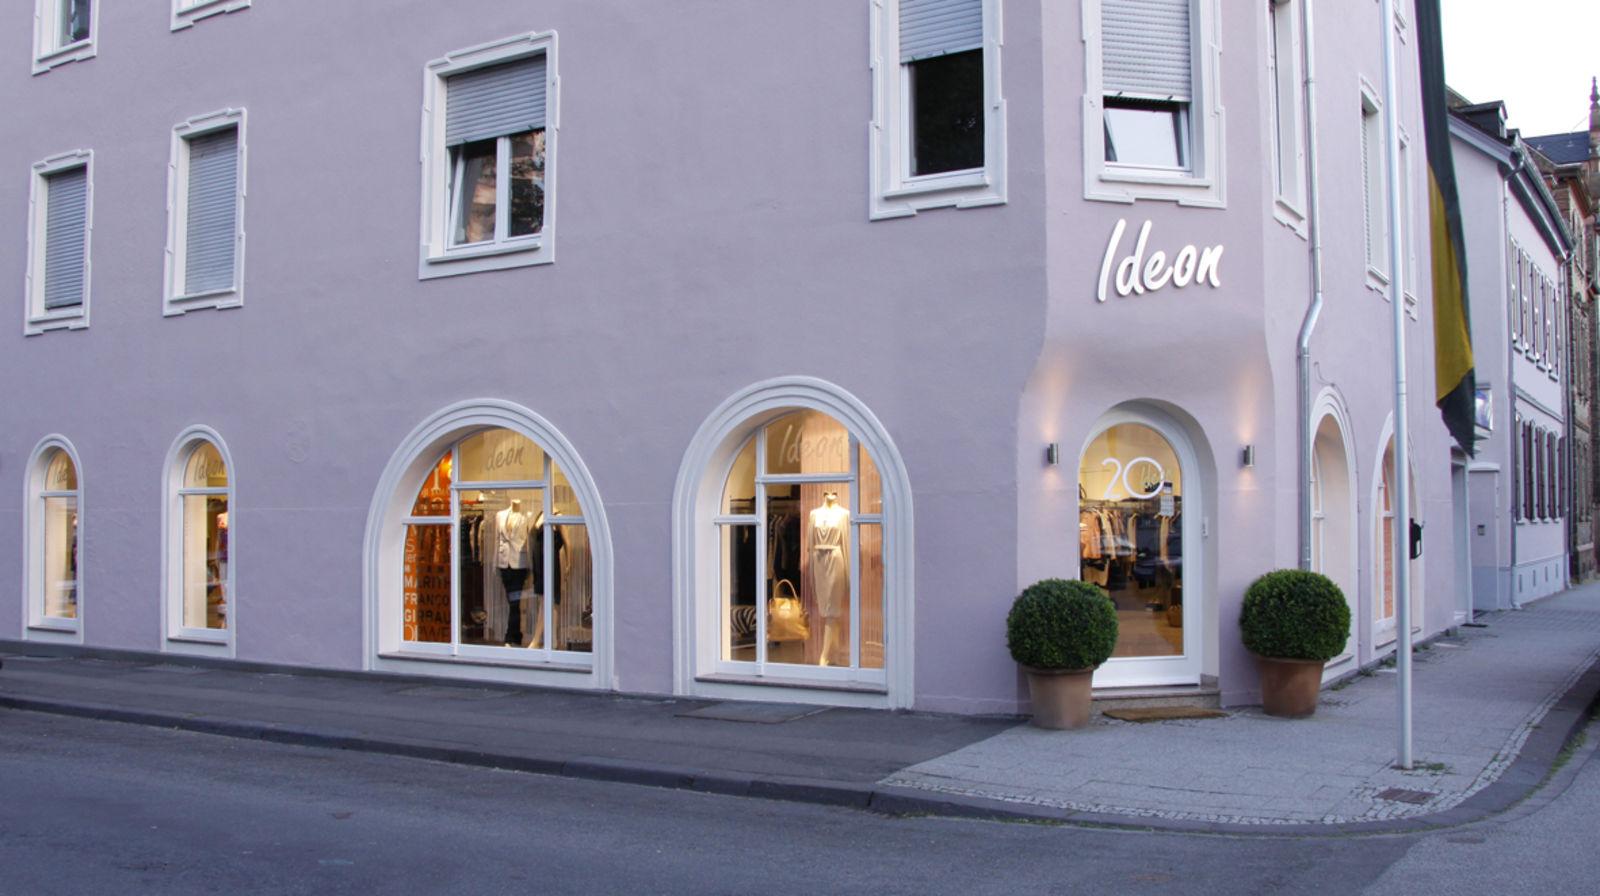 IDEON in Wiesbaden (Bild 3)